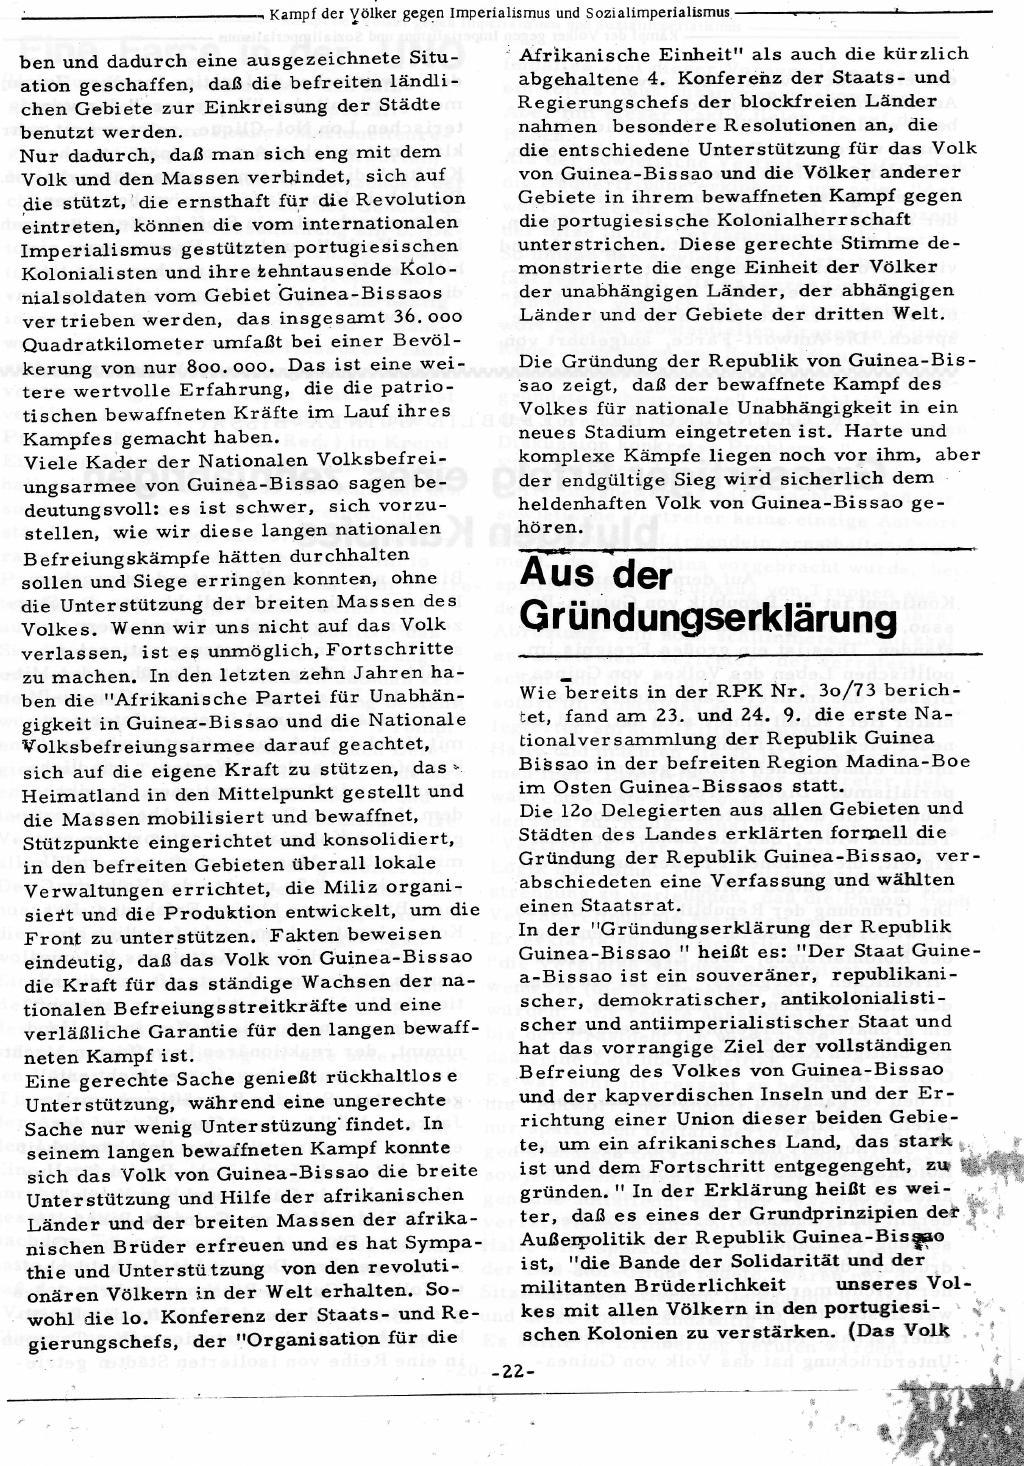 RPK_1973_032_033_22